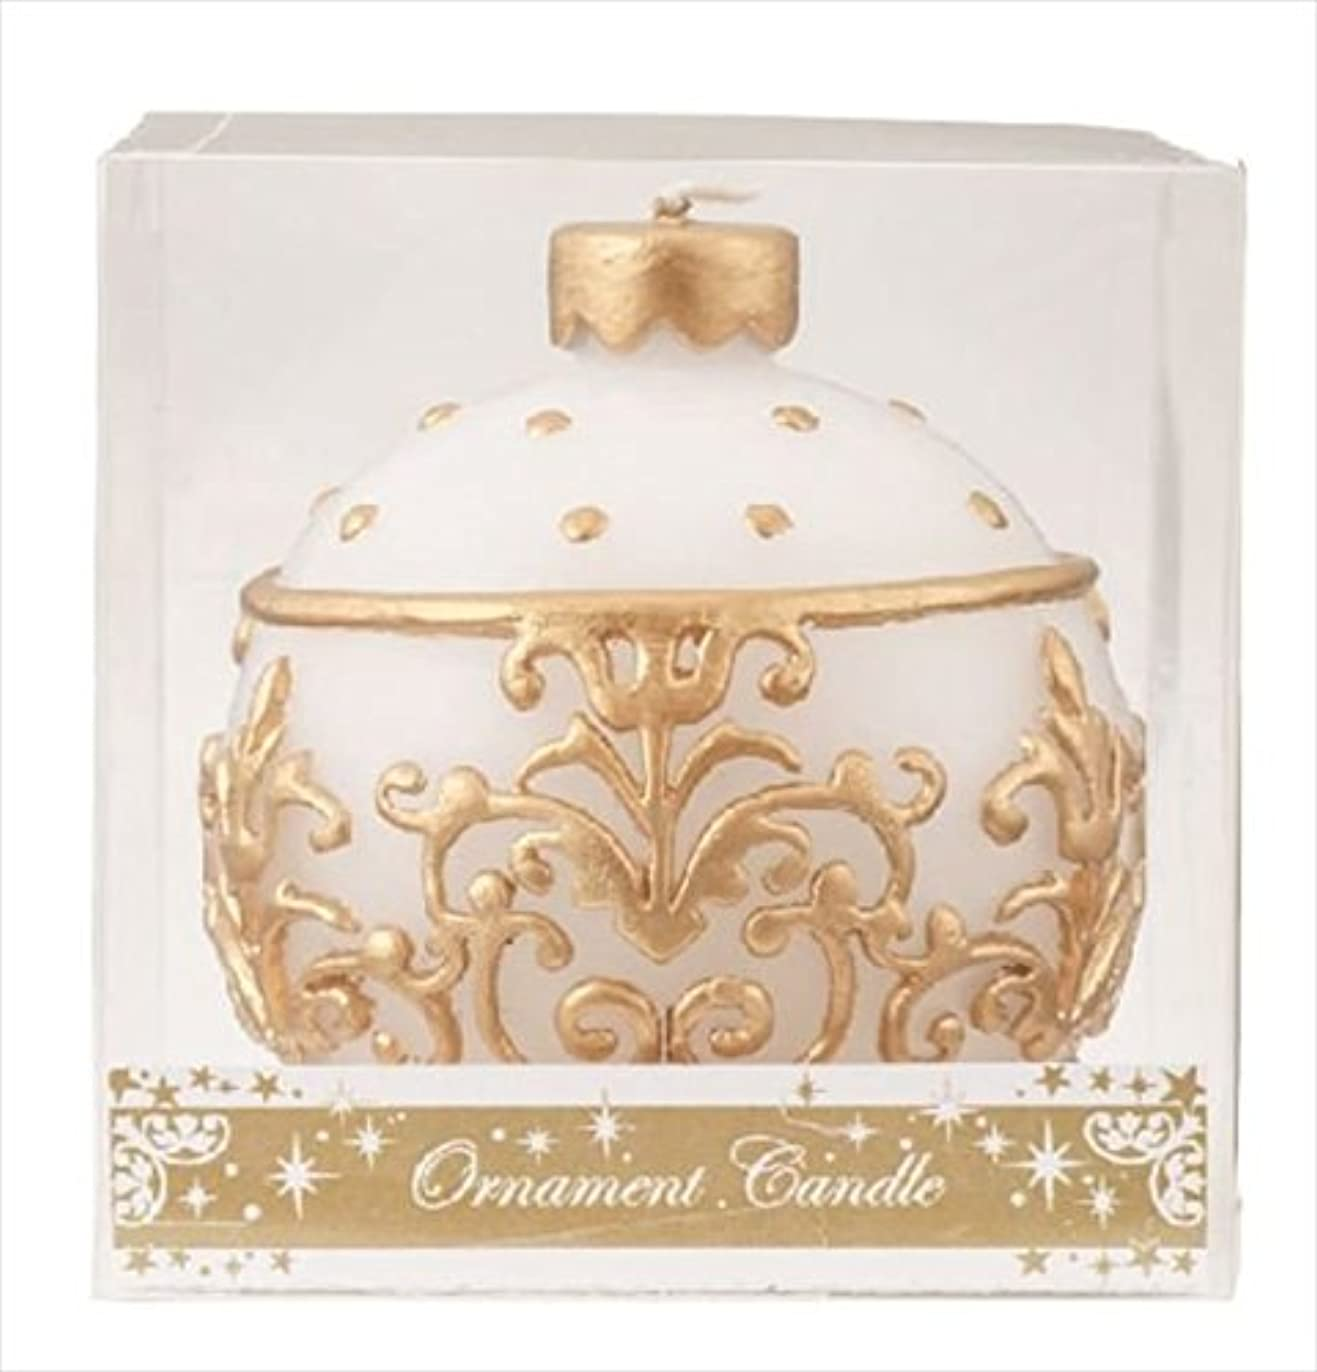 上向き公平な冷蔵するkameyama candle(カメヤマキャンドル) オーナメントキャンドル 「 ホワイト 」(A4440000W)